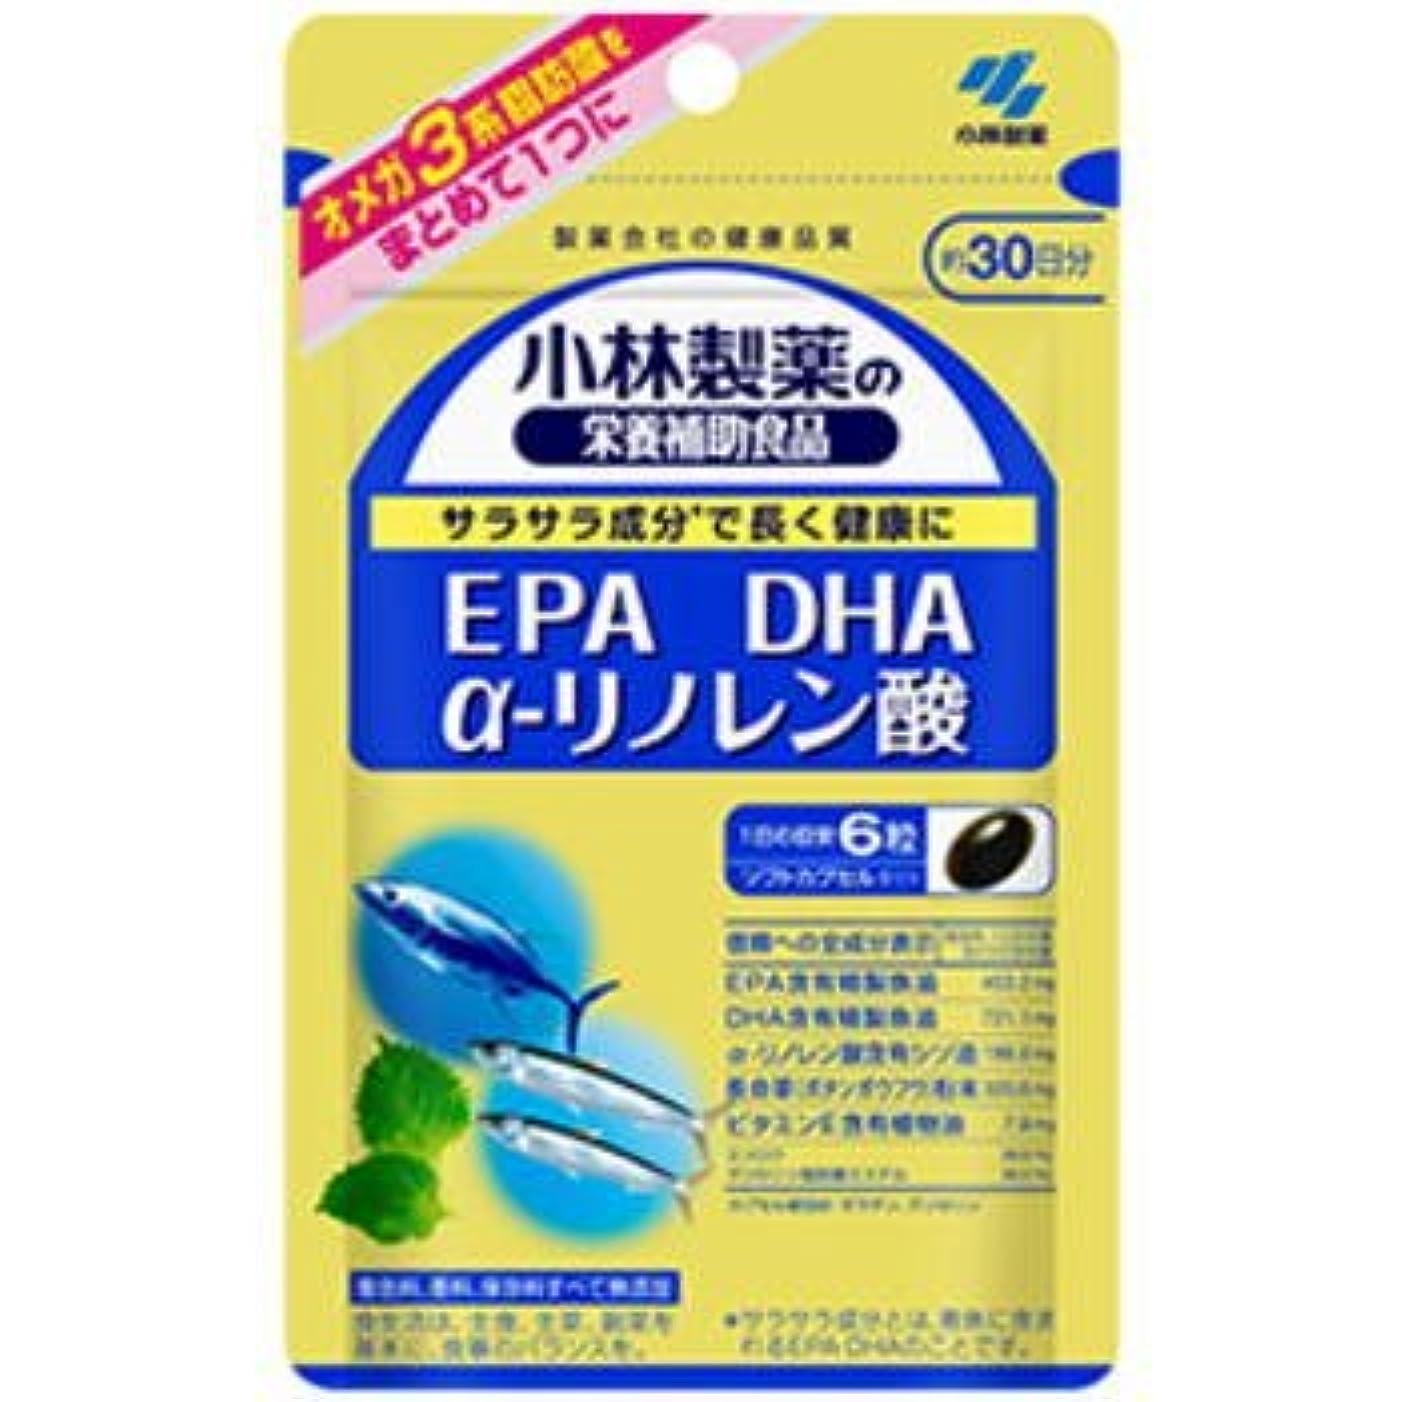 スキャンダルアルプス完全に乾く小林製薬 EPA DHA α-リノレン酸 180粒×3個セット【ネコポス発送】